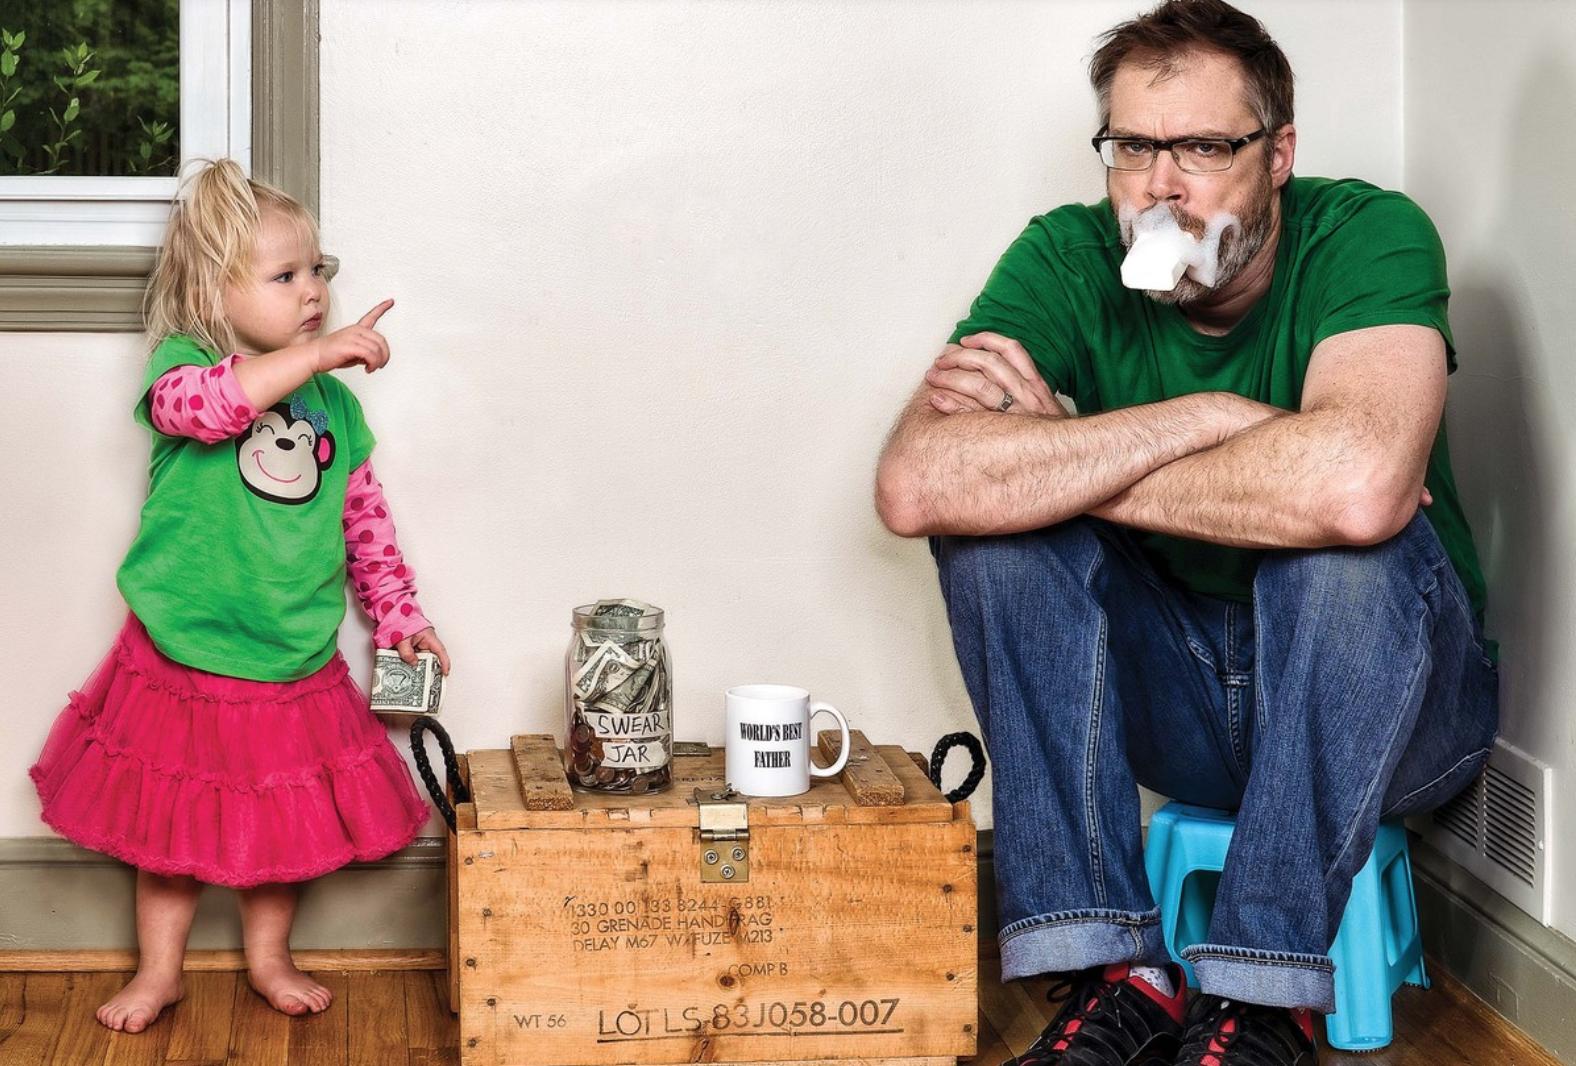 imágenes de un padre con su hija